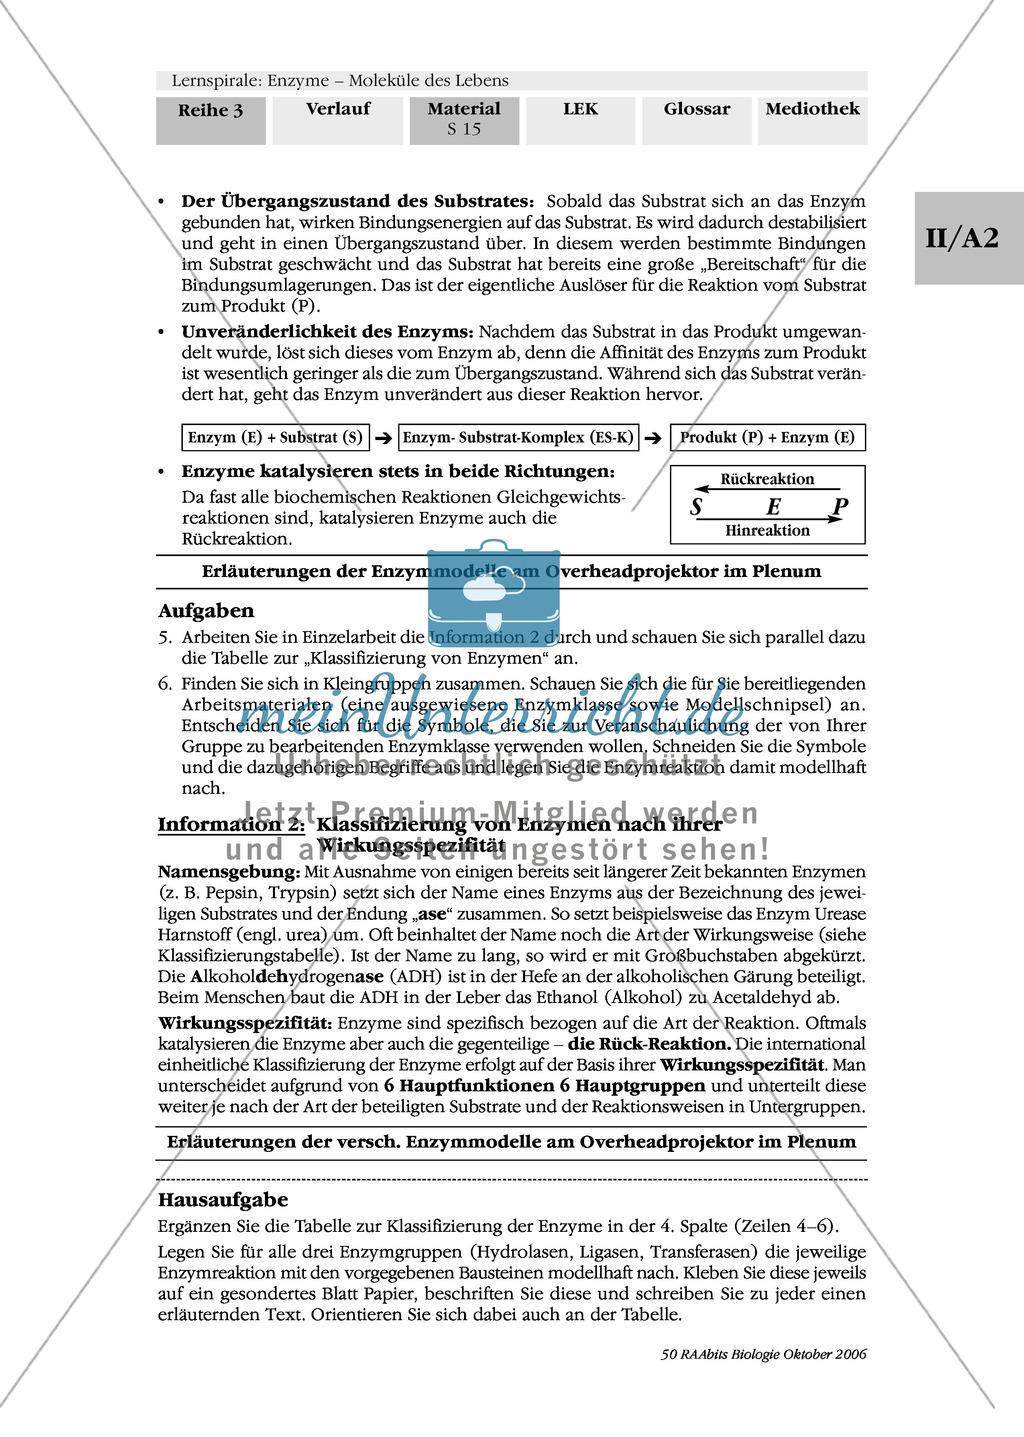 Enzyme: Arbeitsinseln zu den Themen Stoffwechsel, Enzymreaktionen, Hemmstoffe, Cofaktoren, Regulation Preview 8